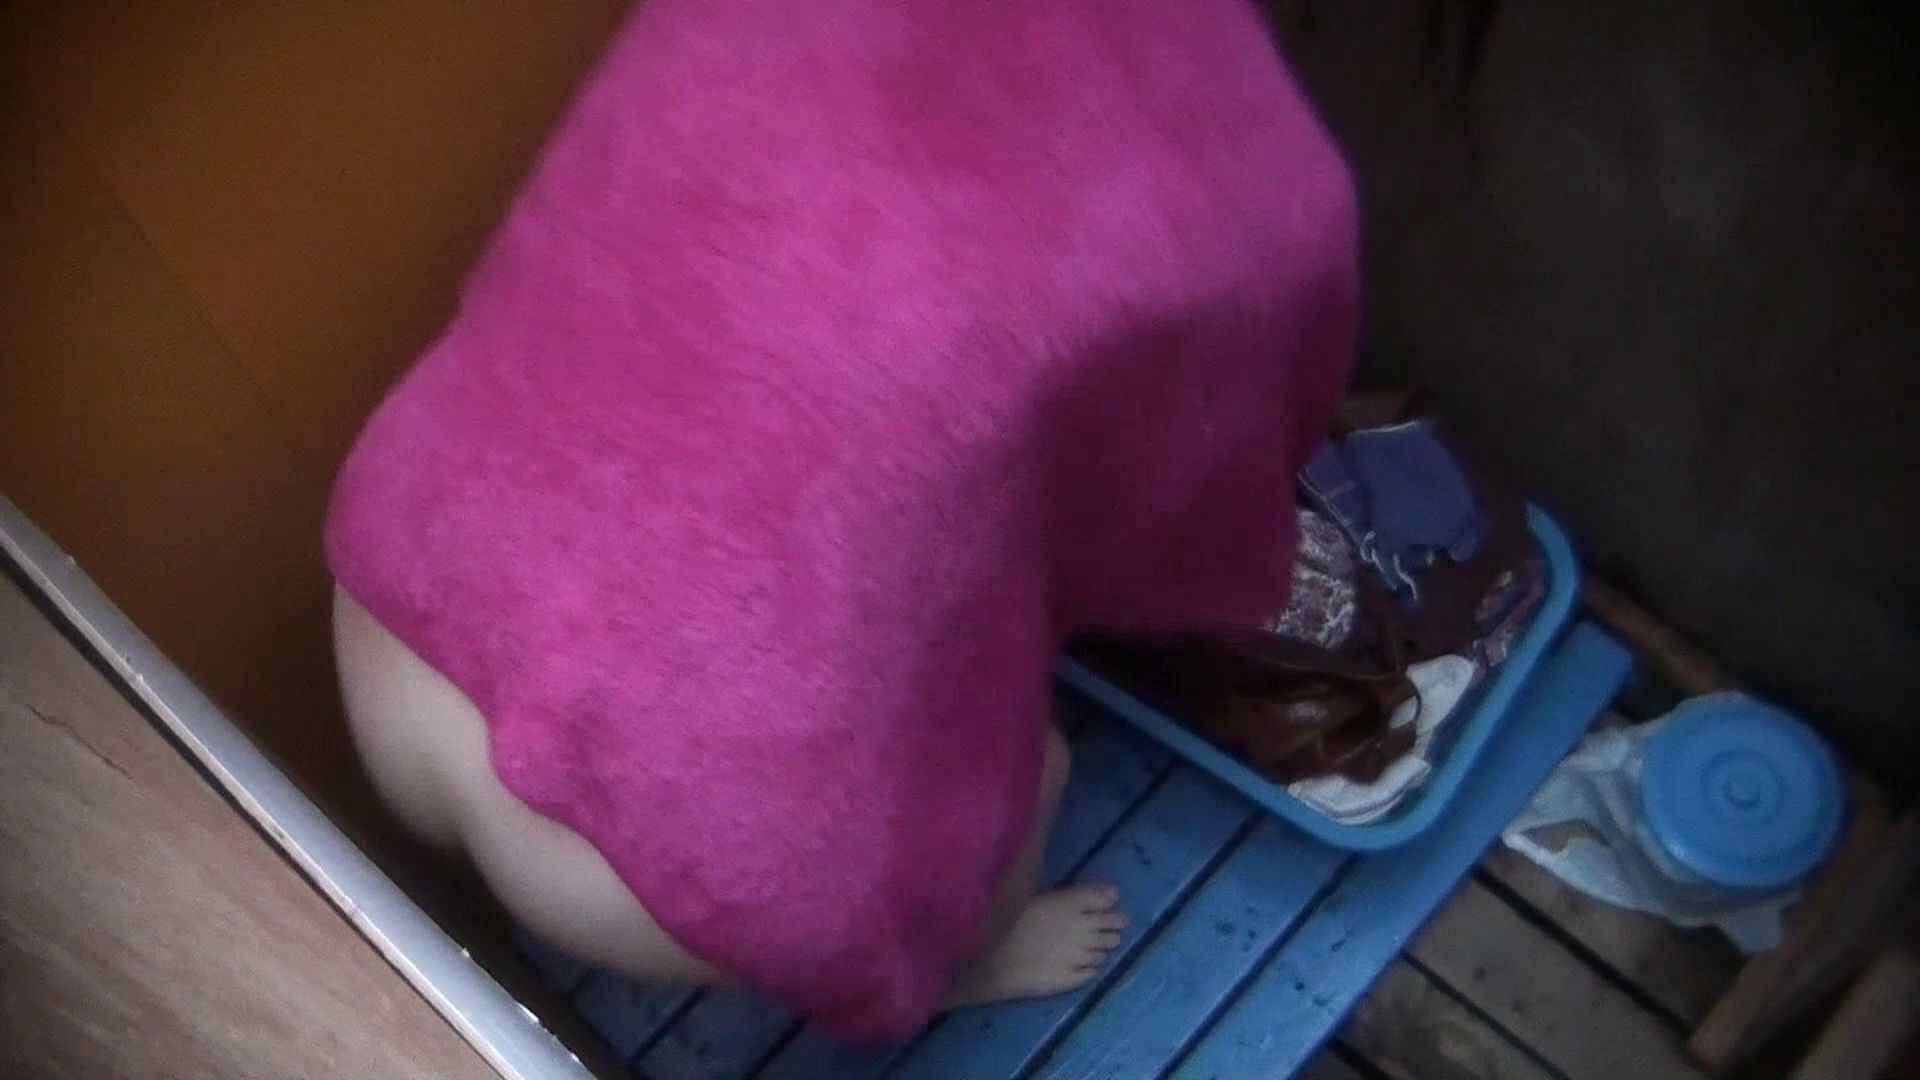 シャワールームは超!!危険な香りVol.29 こっちを向いて欲しい貧乳姉さん 高画質 のぞき動画画像 69画像 26